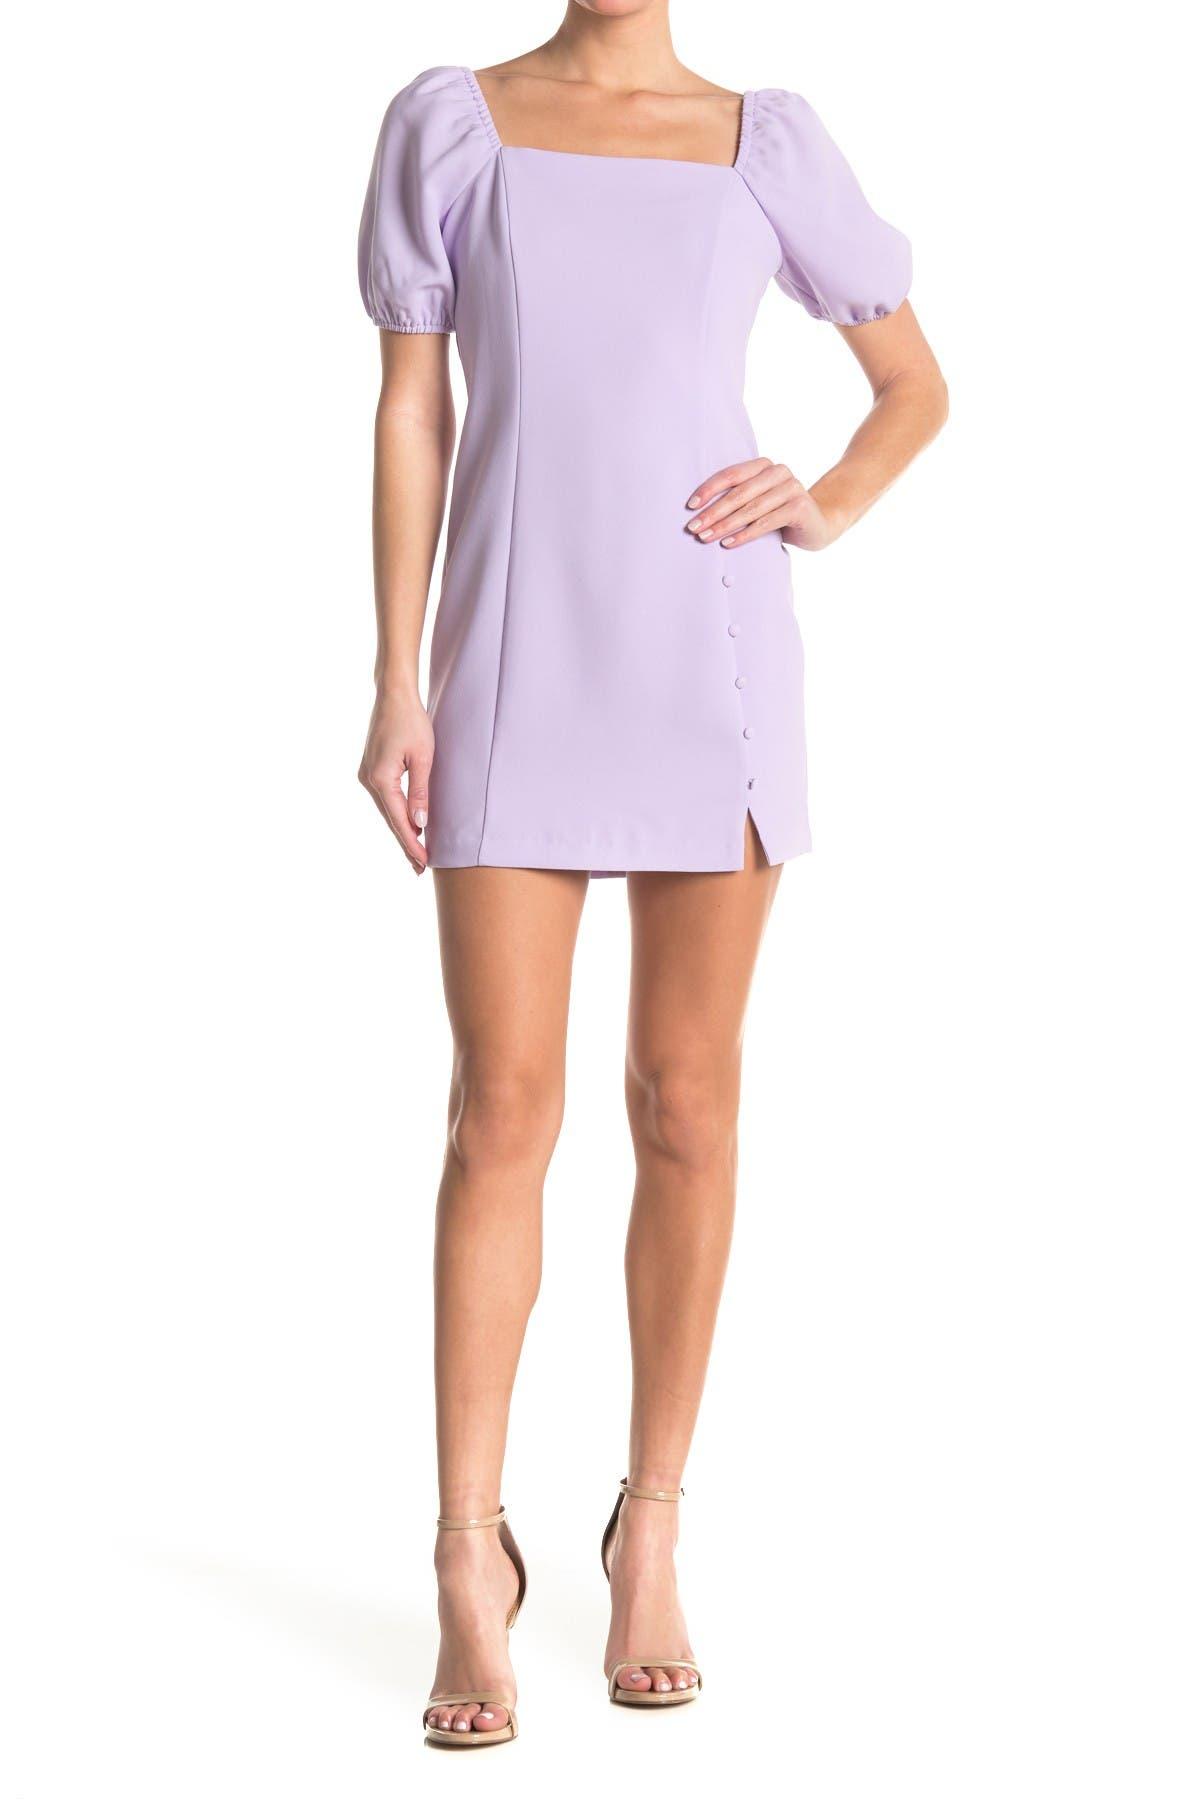 Bcbgeneration Mini dresses SQUARE NECK PUFF SLEEVE MINI DRESS